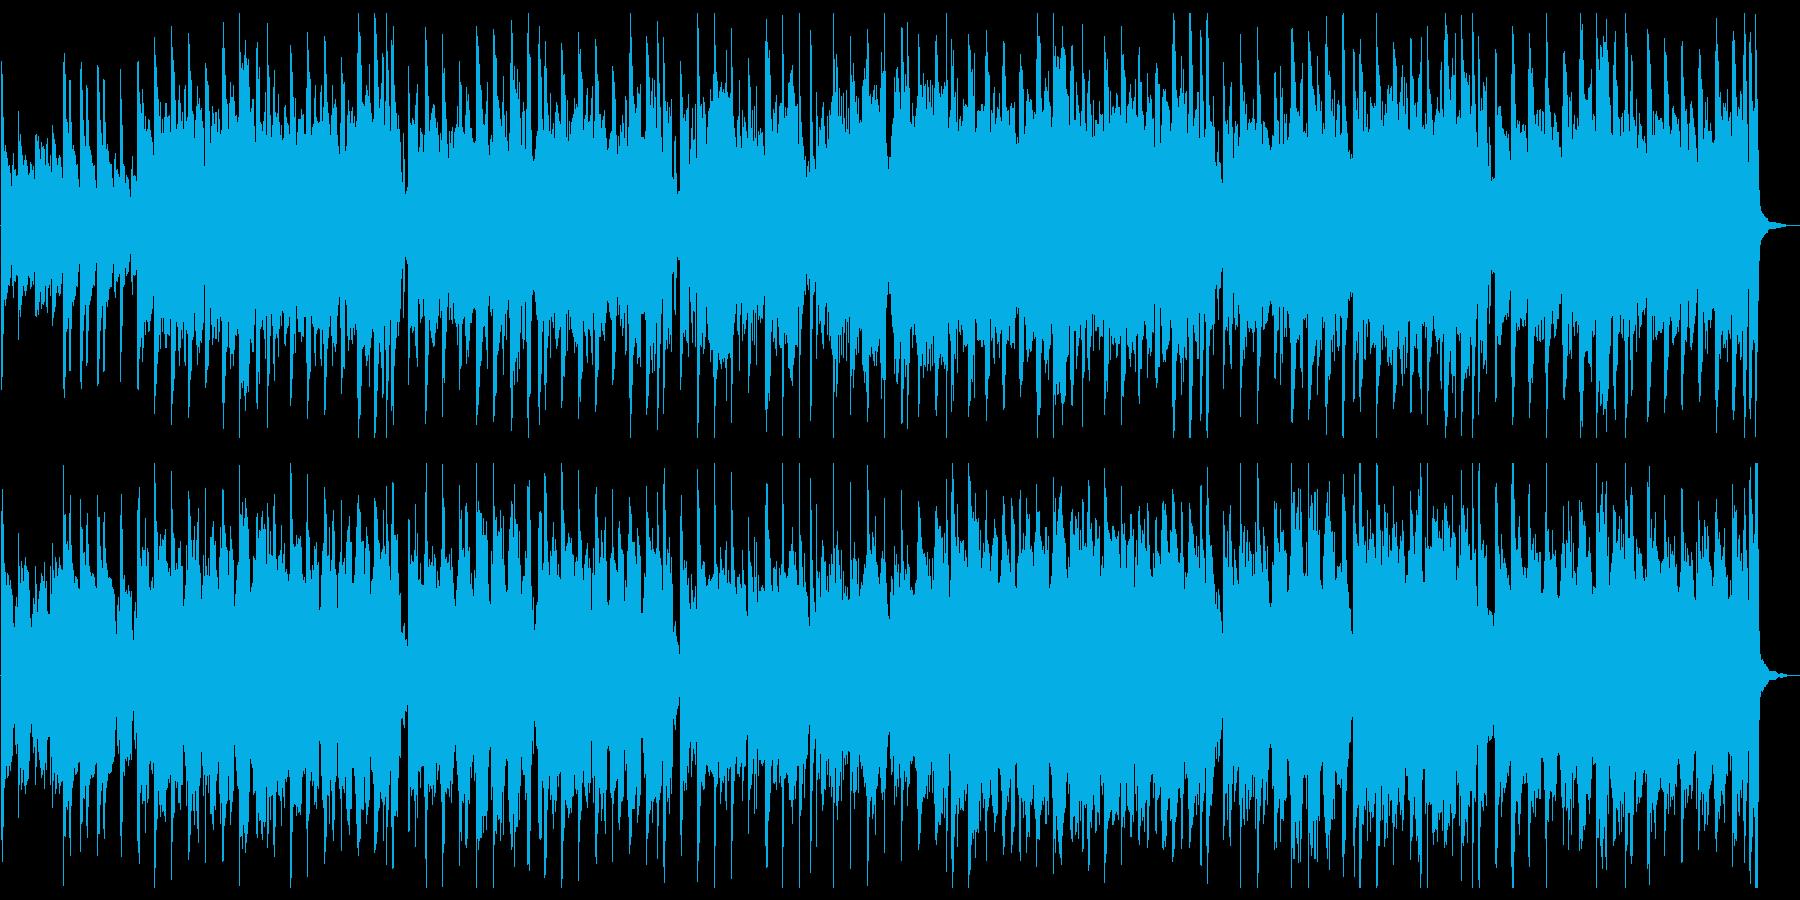 大正ロマンをイメージした和風楽曲の再生済みの波形